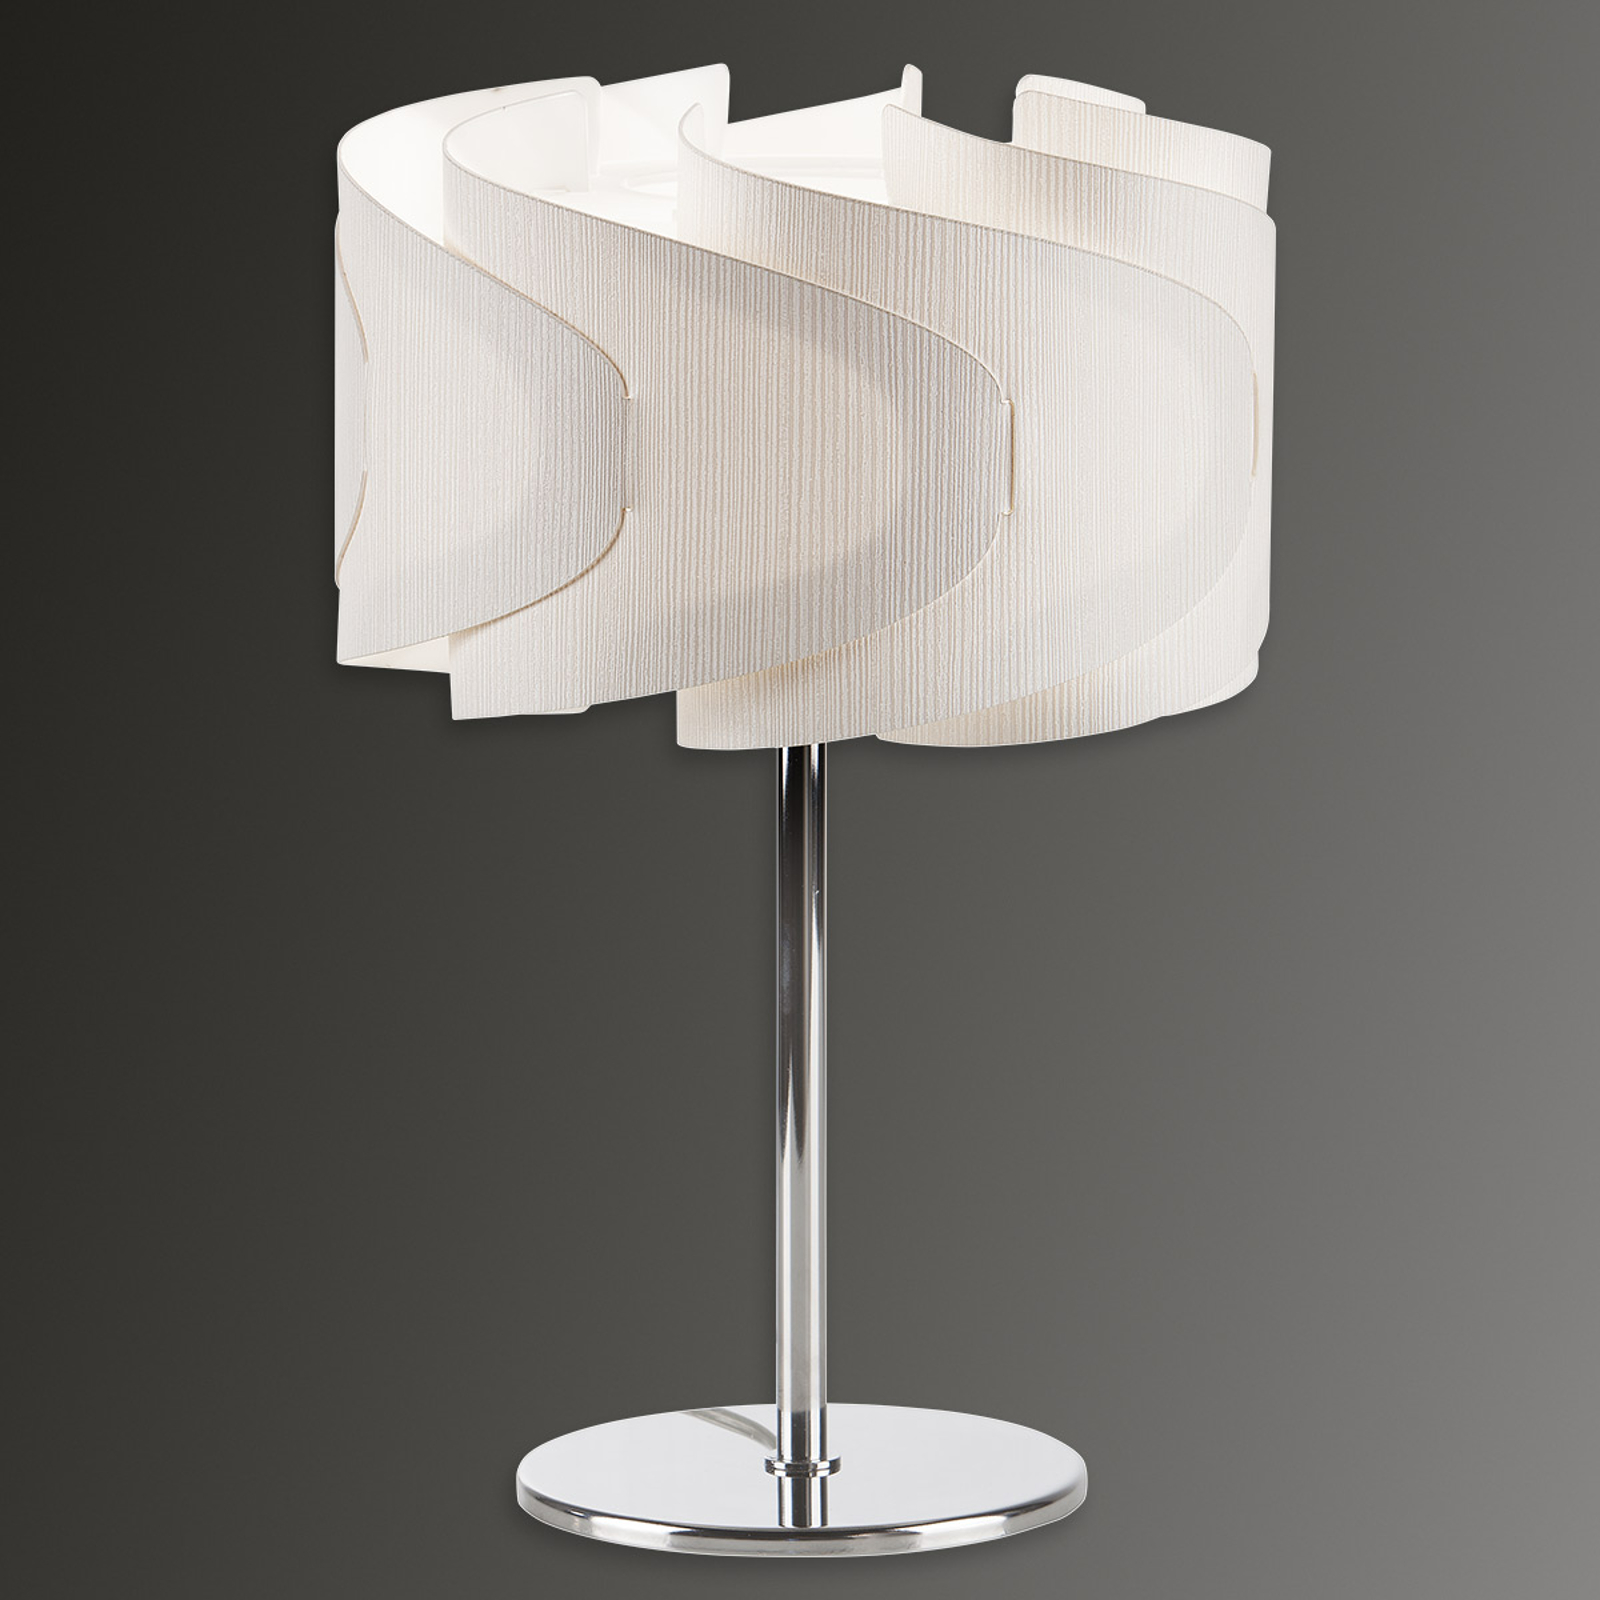 Lampa stołowa Lumetto Ellix o wyglądzie drewna